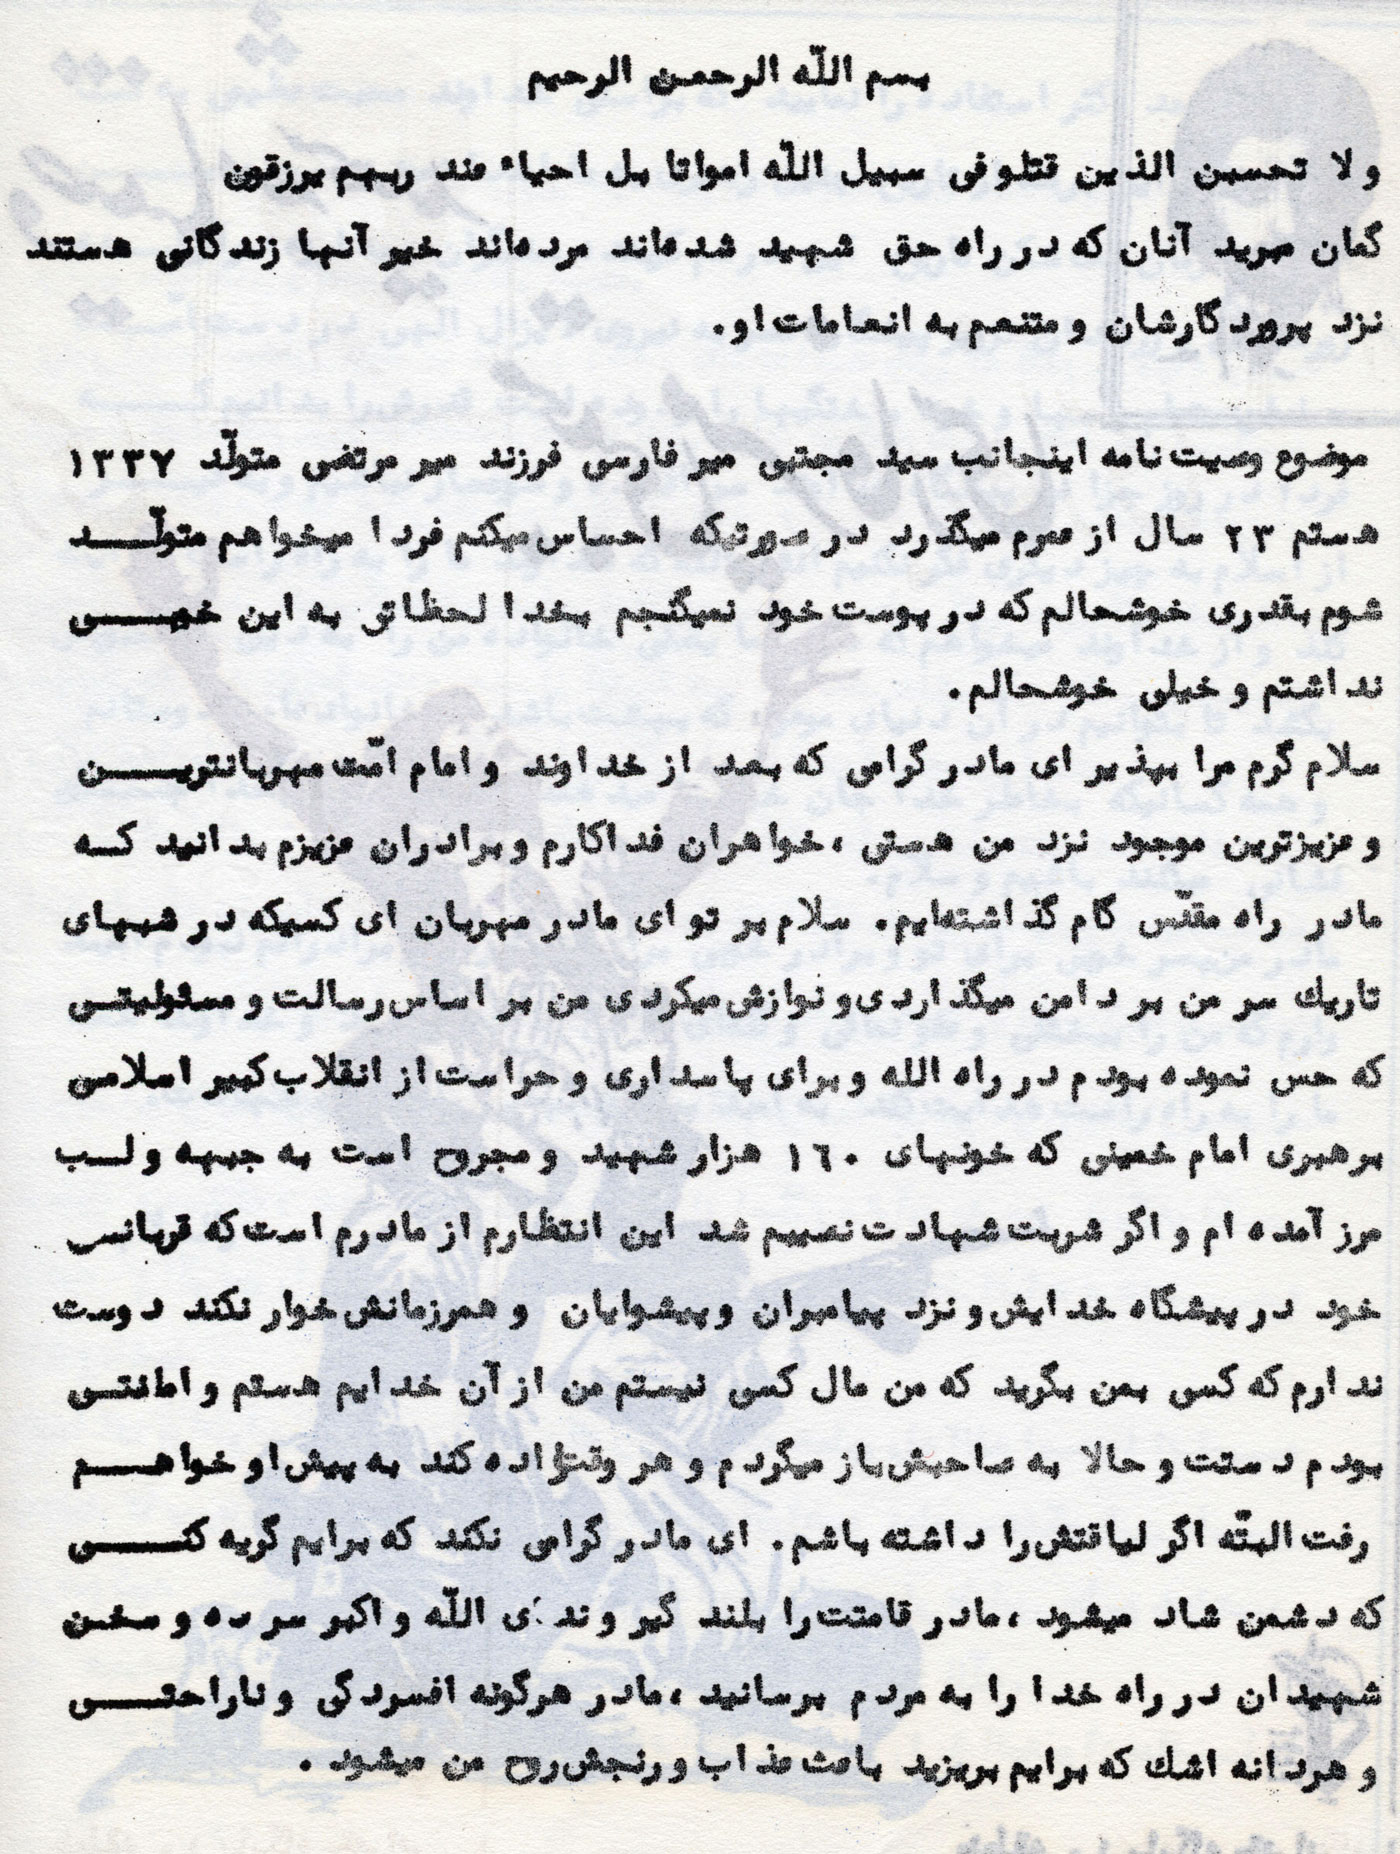 توصیه شهید «میر فارسی» برای سرافرازی ملت ایران در پیشگاه خداوند